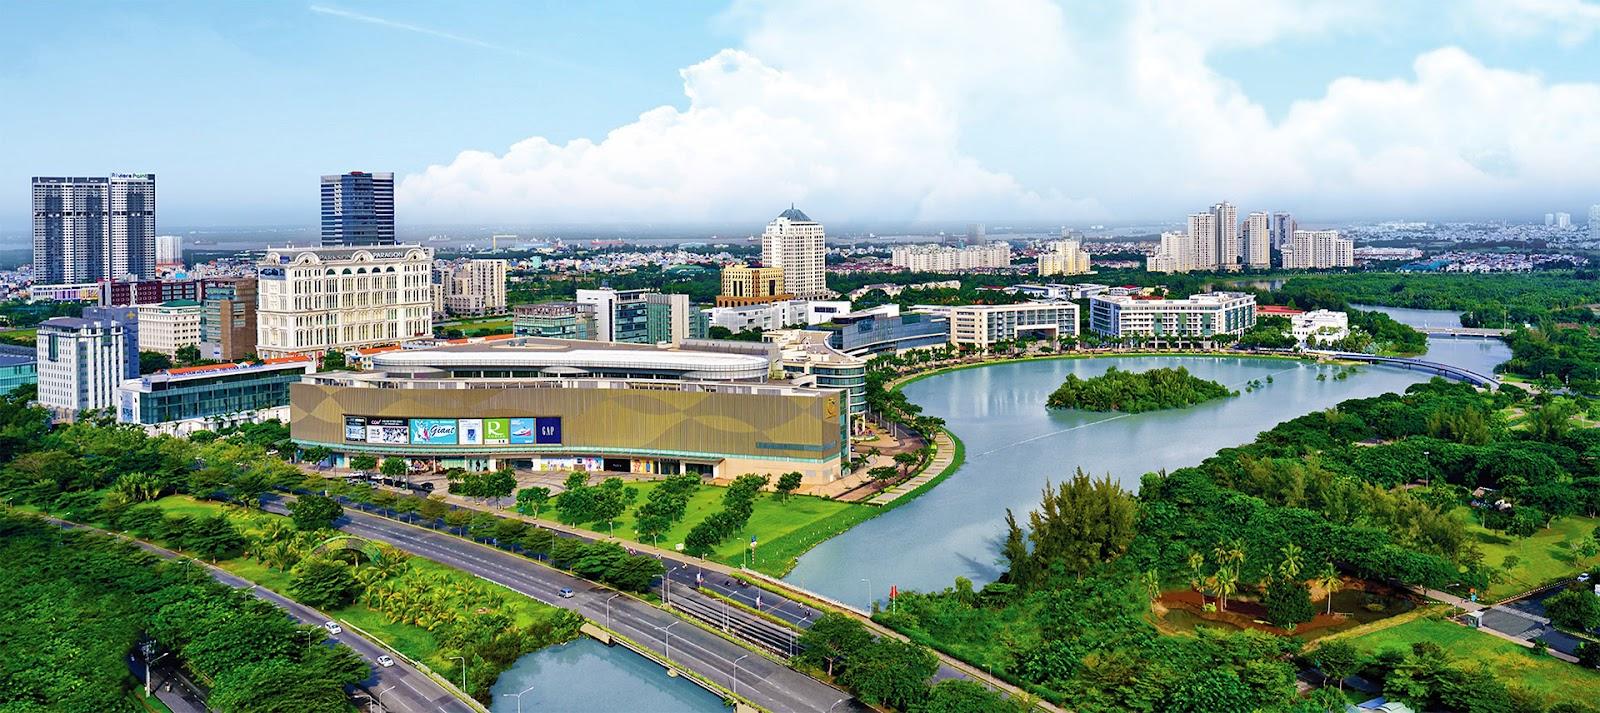 Khu đô thị Phú Mỹ Hưng là bước đầu trong phát triển